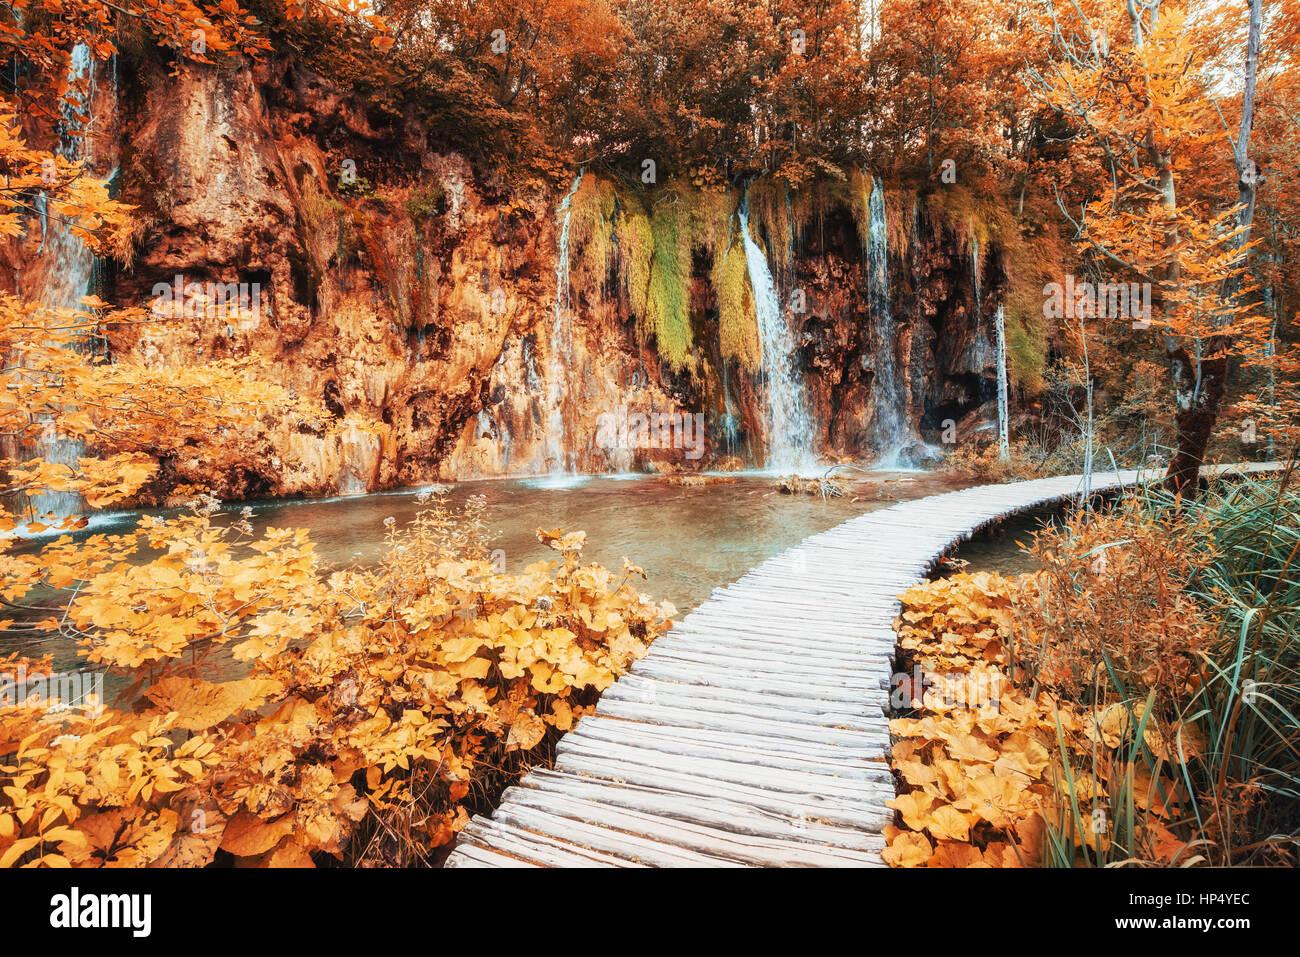 Fantastiche vedute delle cascate di acqua turchese e la luce del sole Immagini Stock